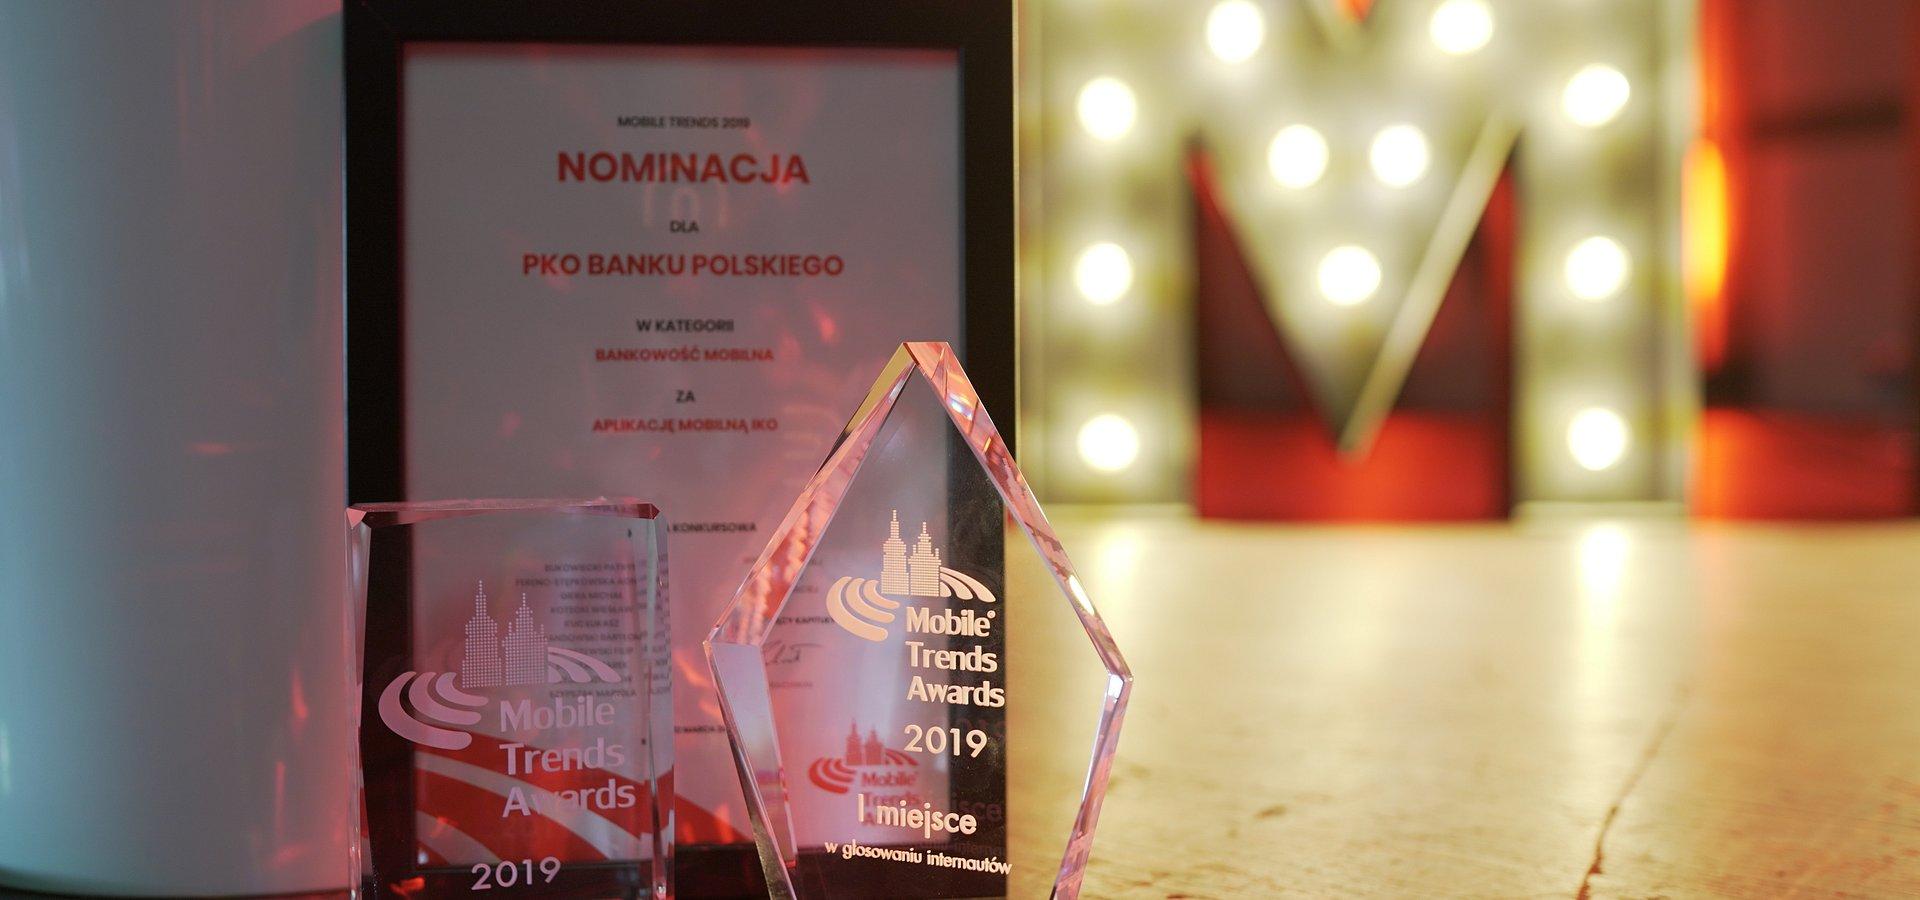 IKO podwójnym zwycięzcą konkursu Mobile Trends Awards